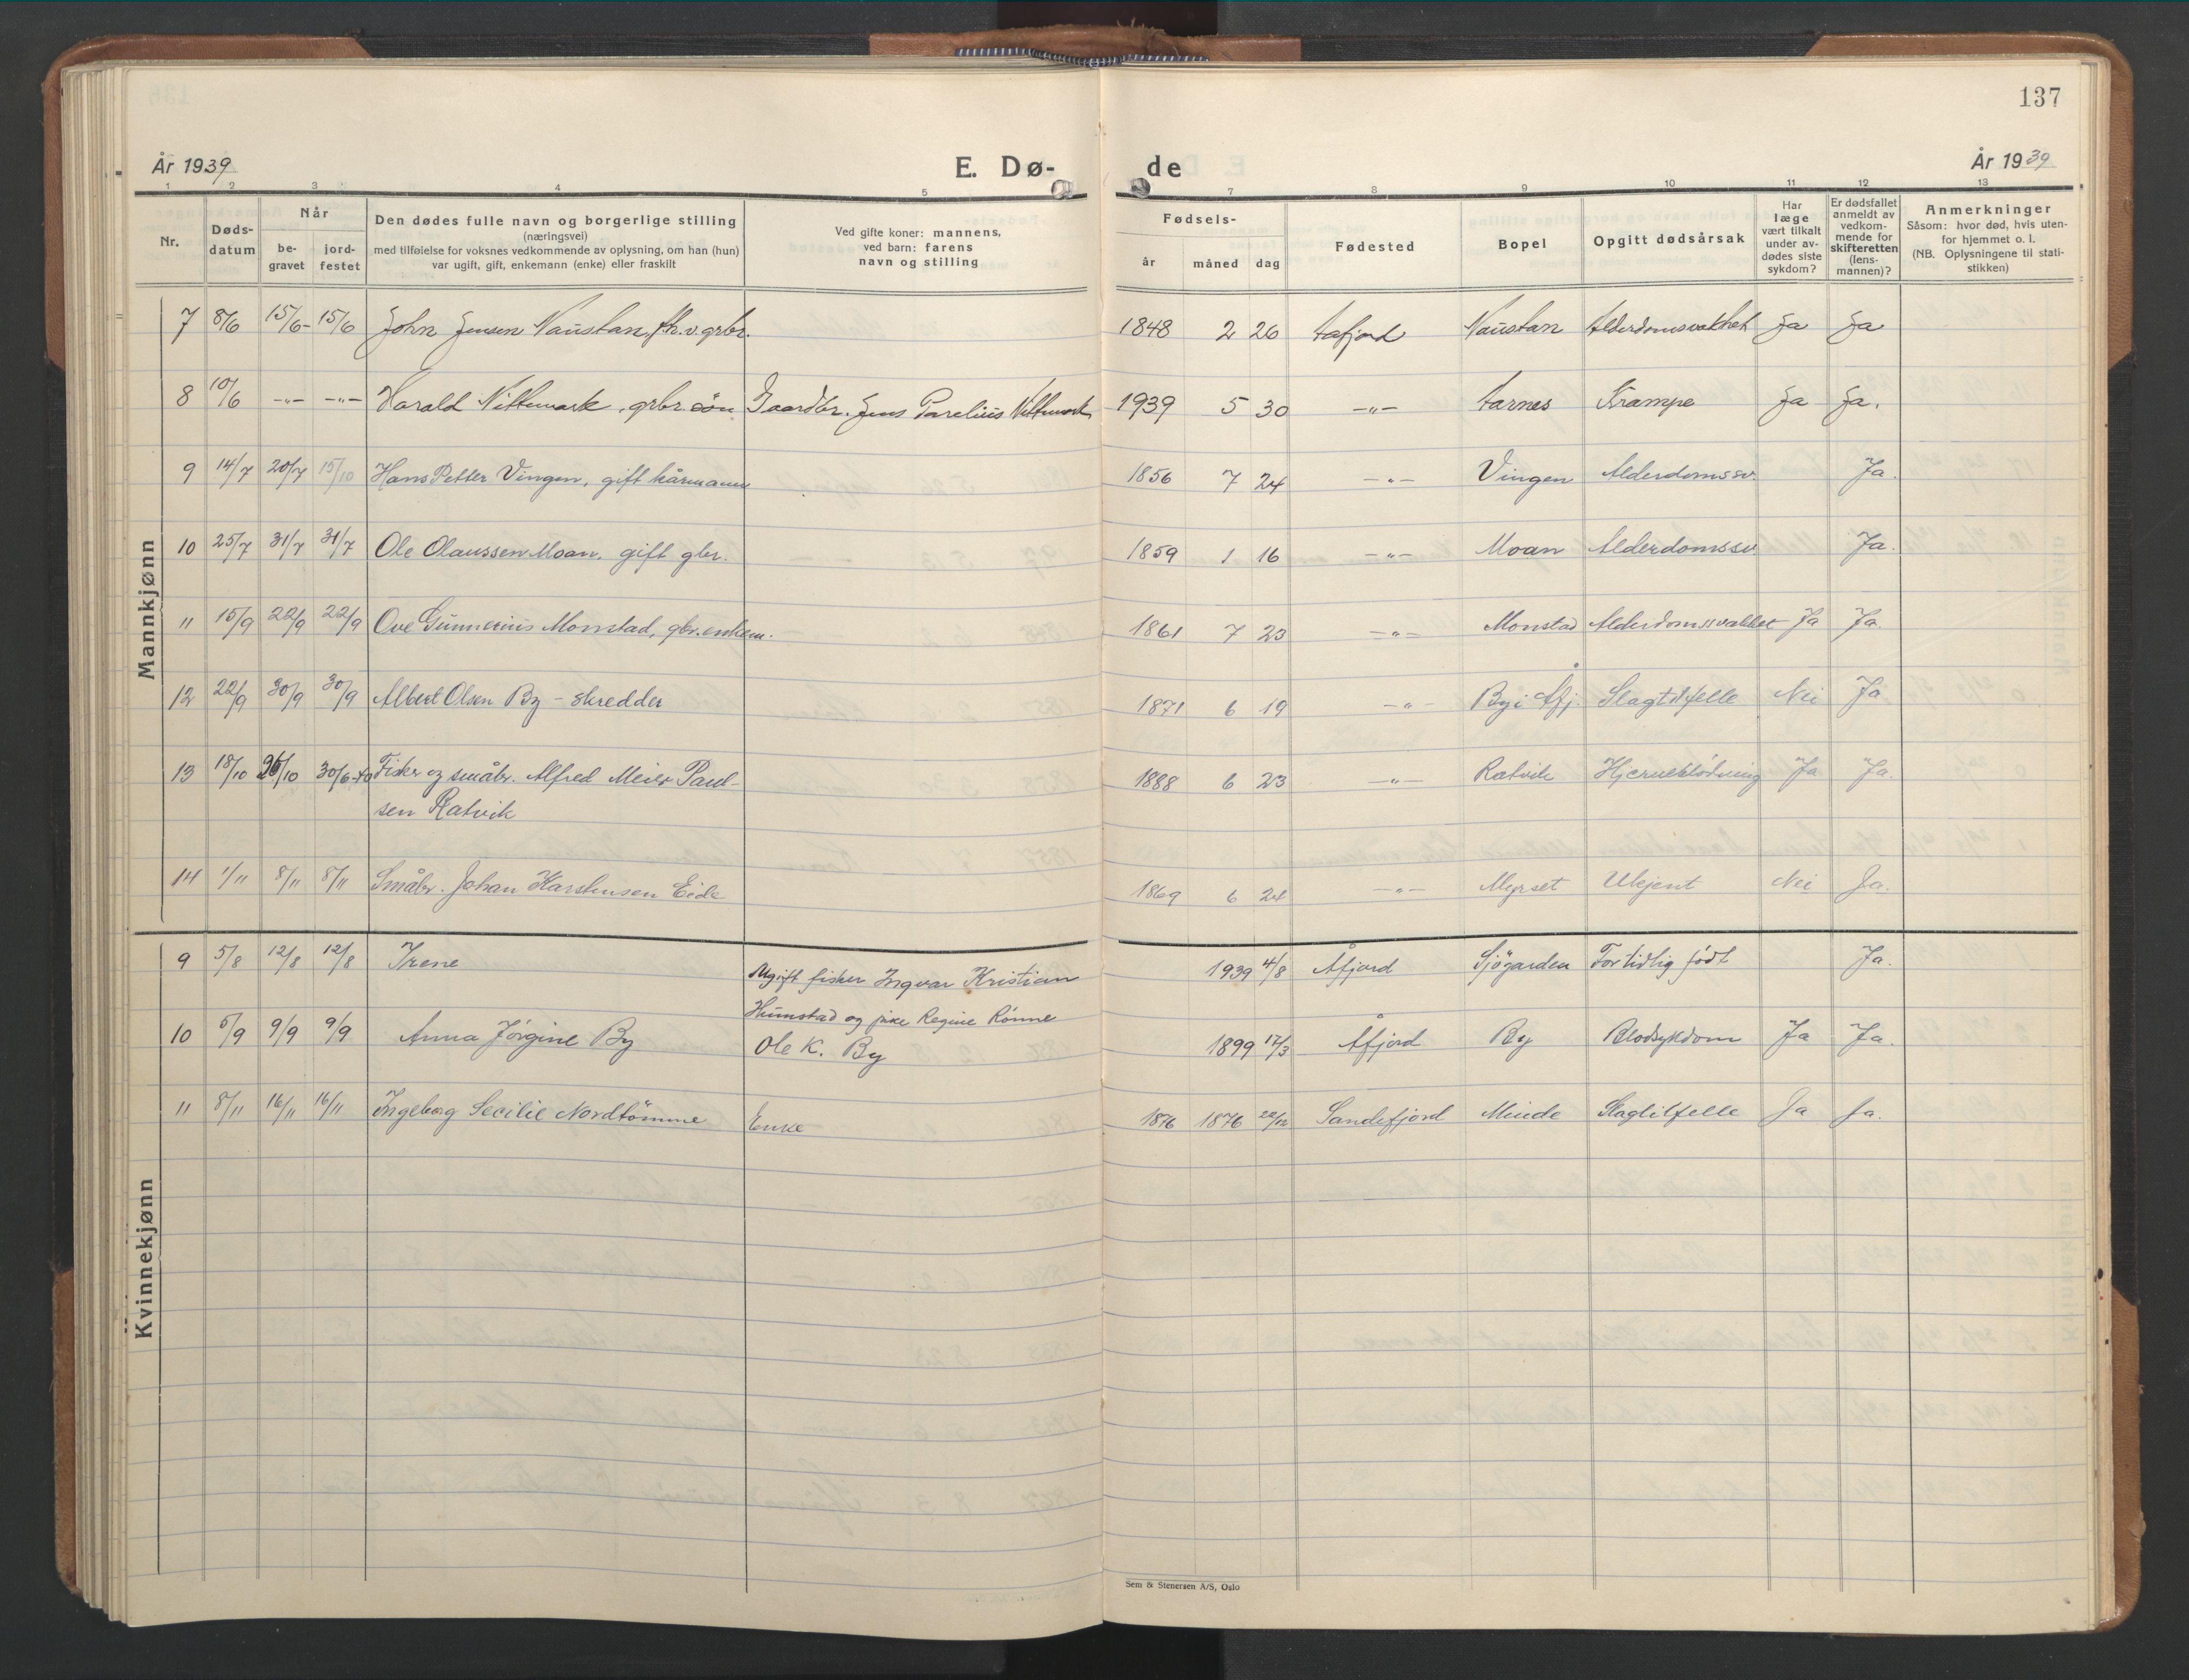 SAT, Ministerialprotokoller, klokkerbøker og fødselsregistre - Sør-Trøndelag, 655/L0690: Klokkerbok nr. 655C06, 1937-1950, s. 137